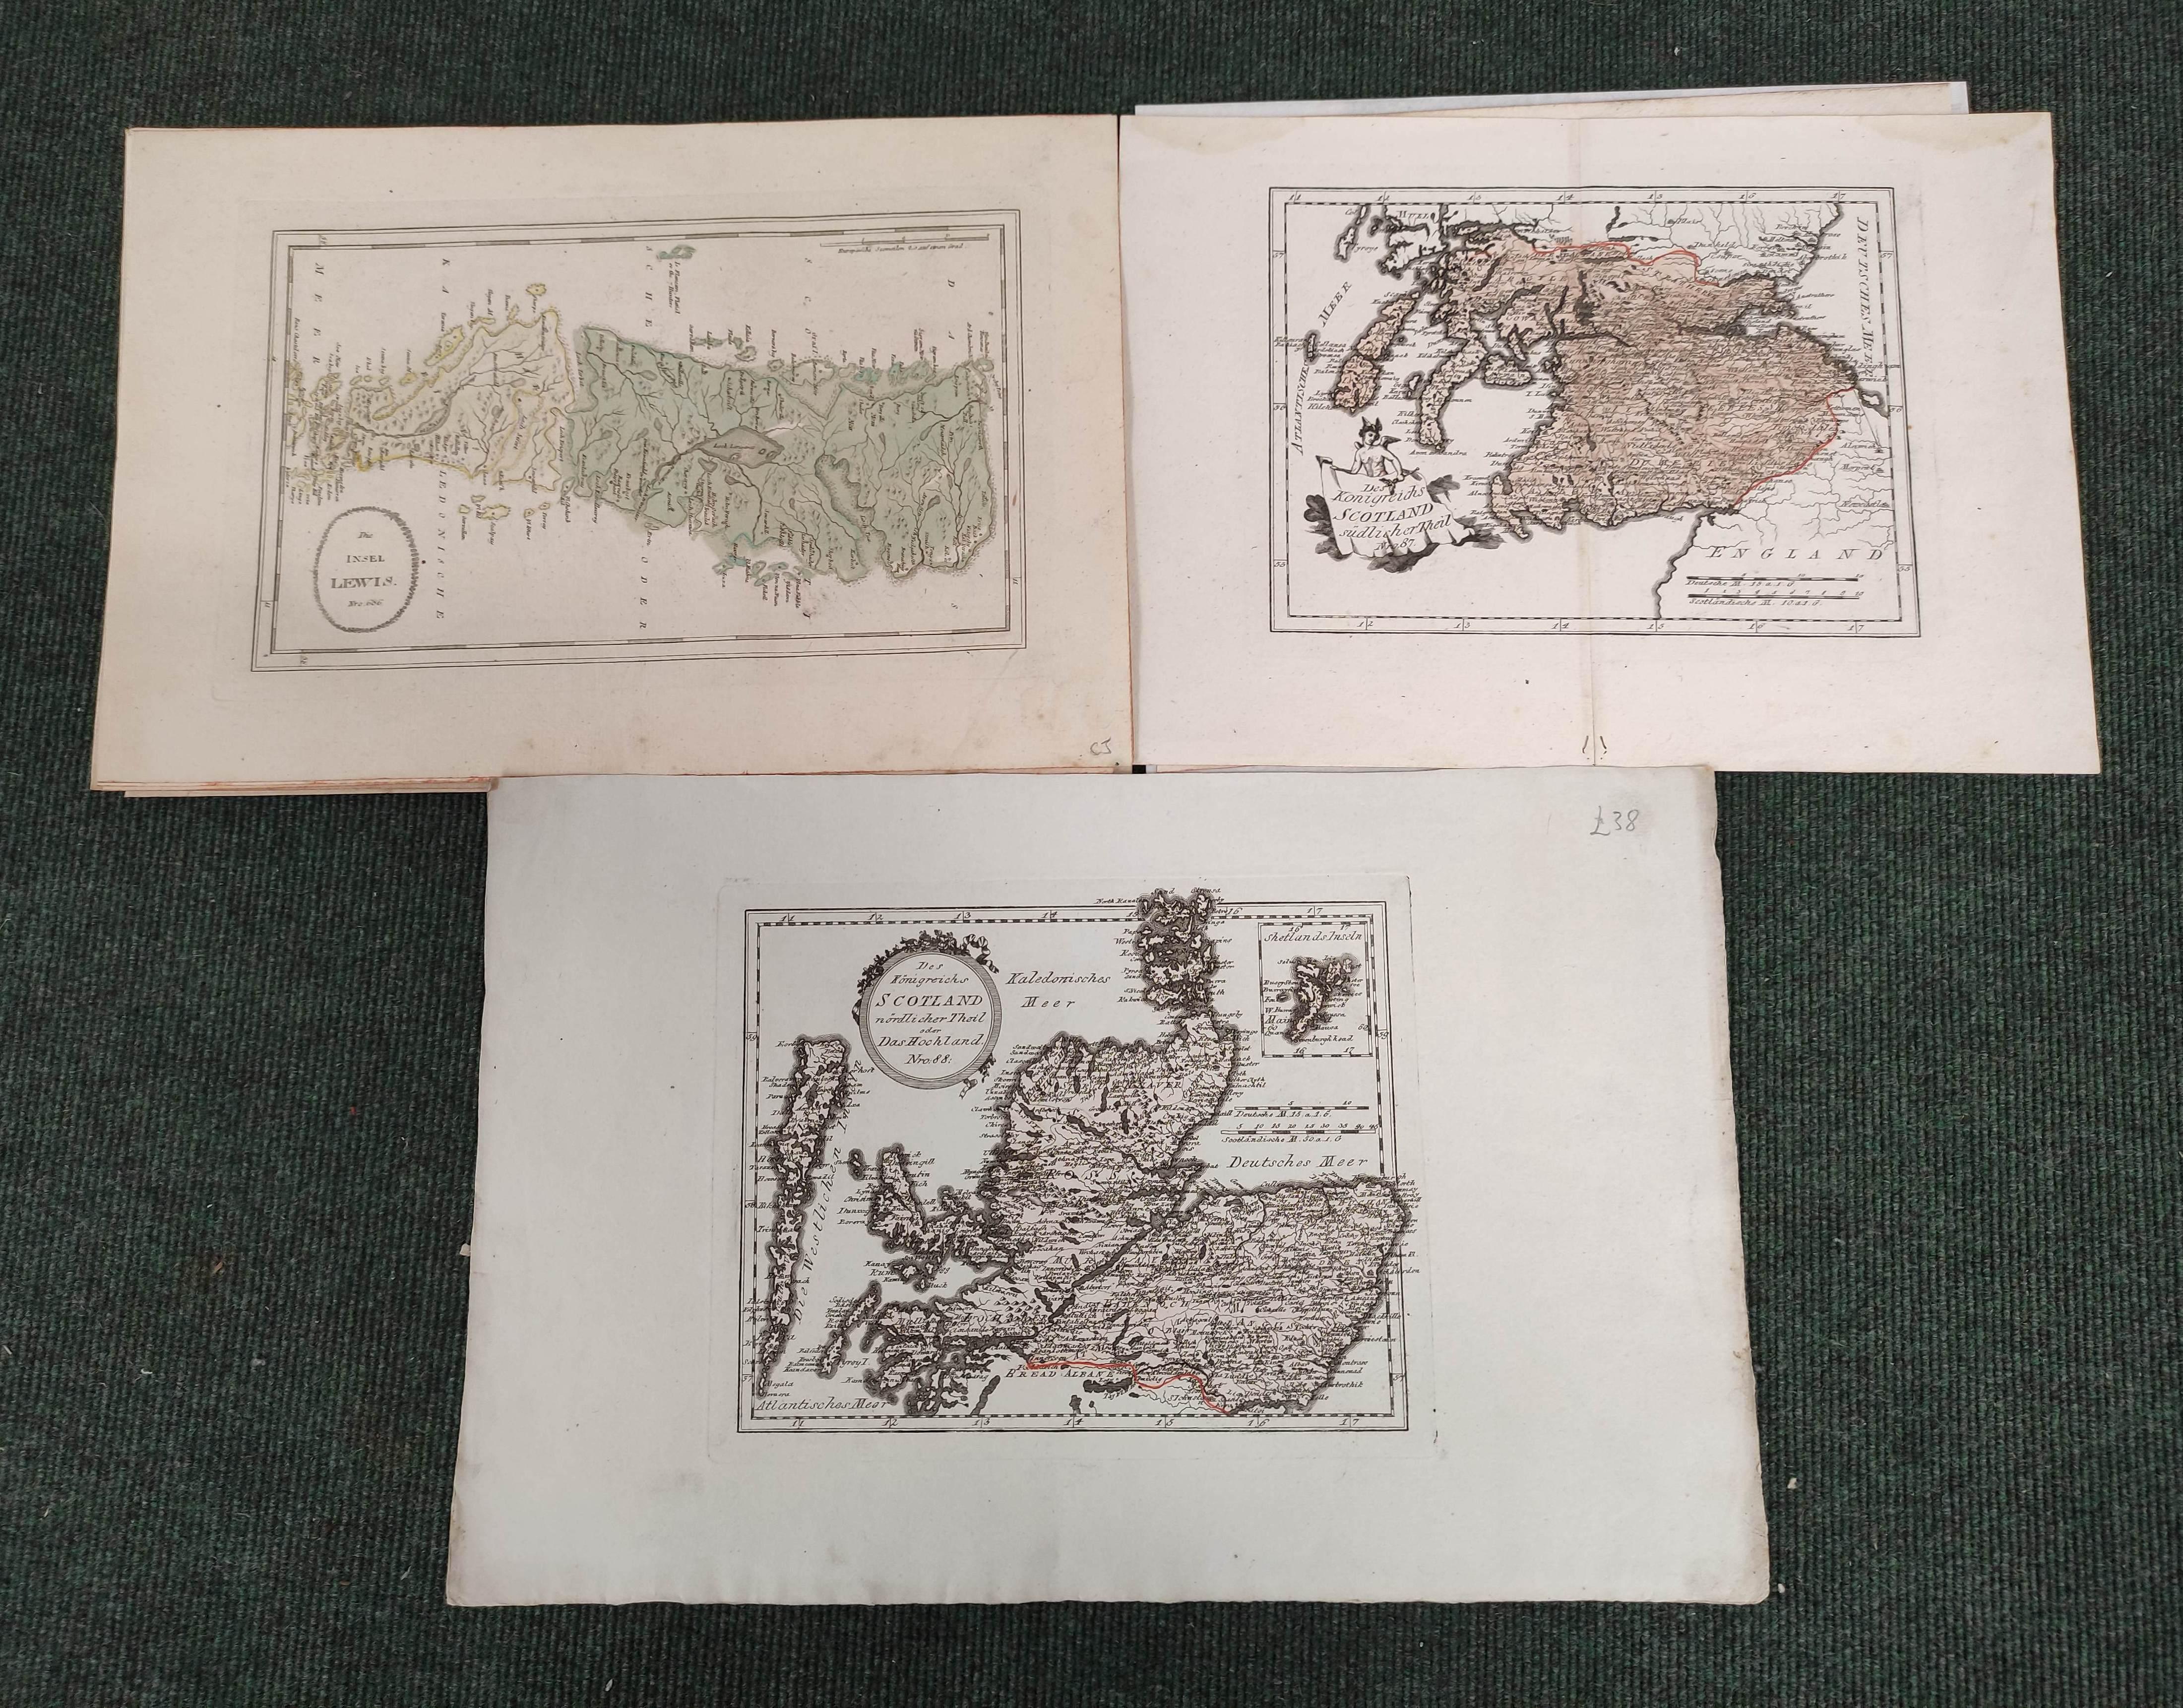 (VON REILLY F. J. J.). Maps. Die Insel Lewis, no. 686, Die Insel Skye, no. 687 & 5 other hand